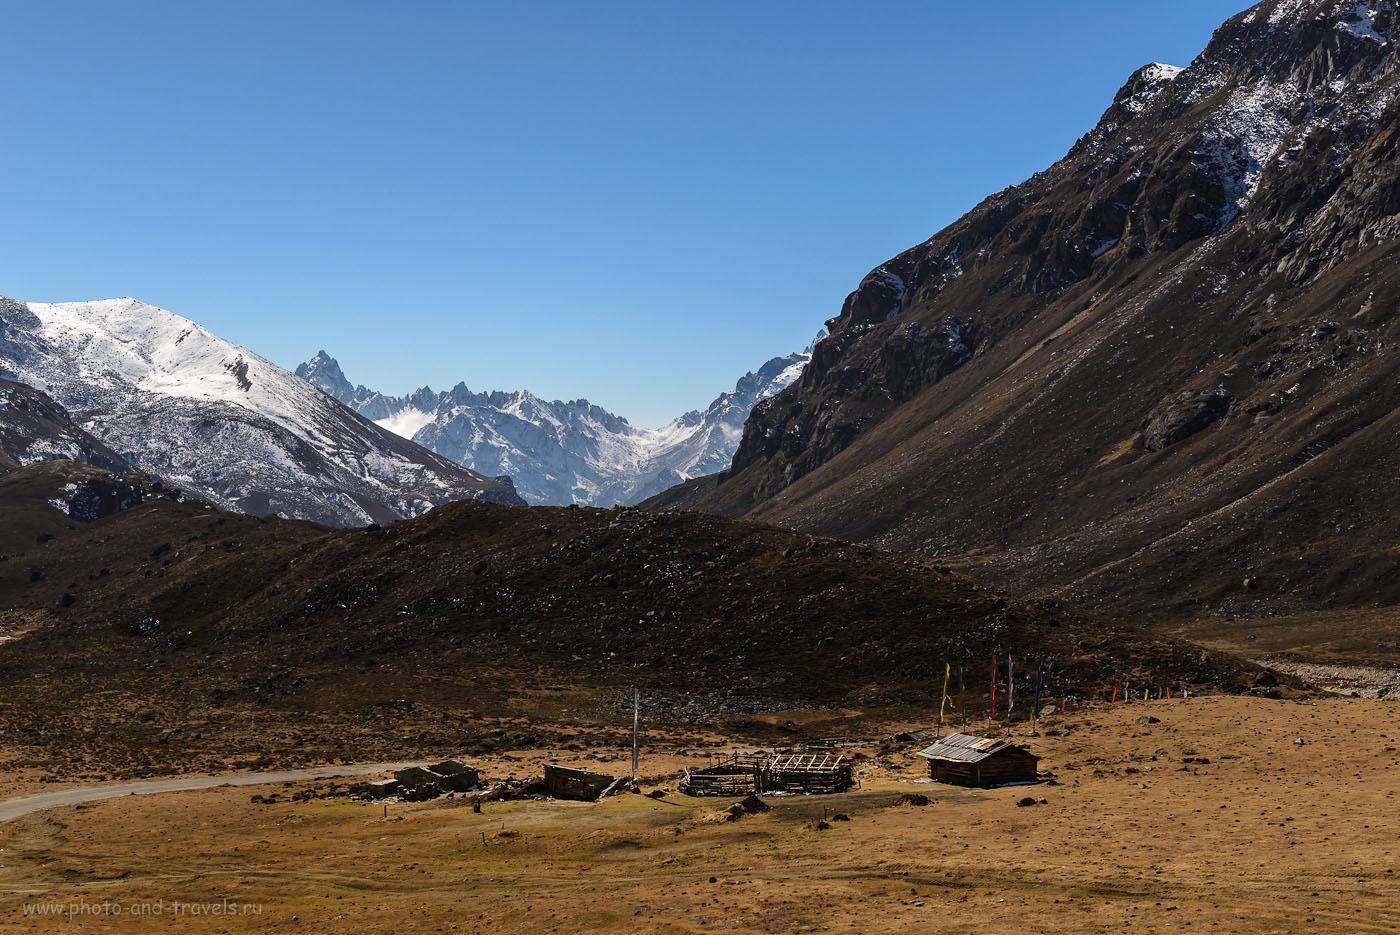 Фотография 11. А кто-то ведь здесь постоянно живет. Представьте, что творится в Гималаях на высоте зимой! Путешествие по Индии самостоятельно. 1/500, -1.0, 8.0, 250, 48.